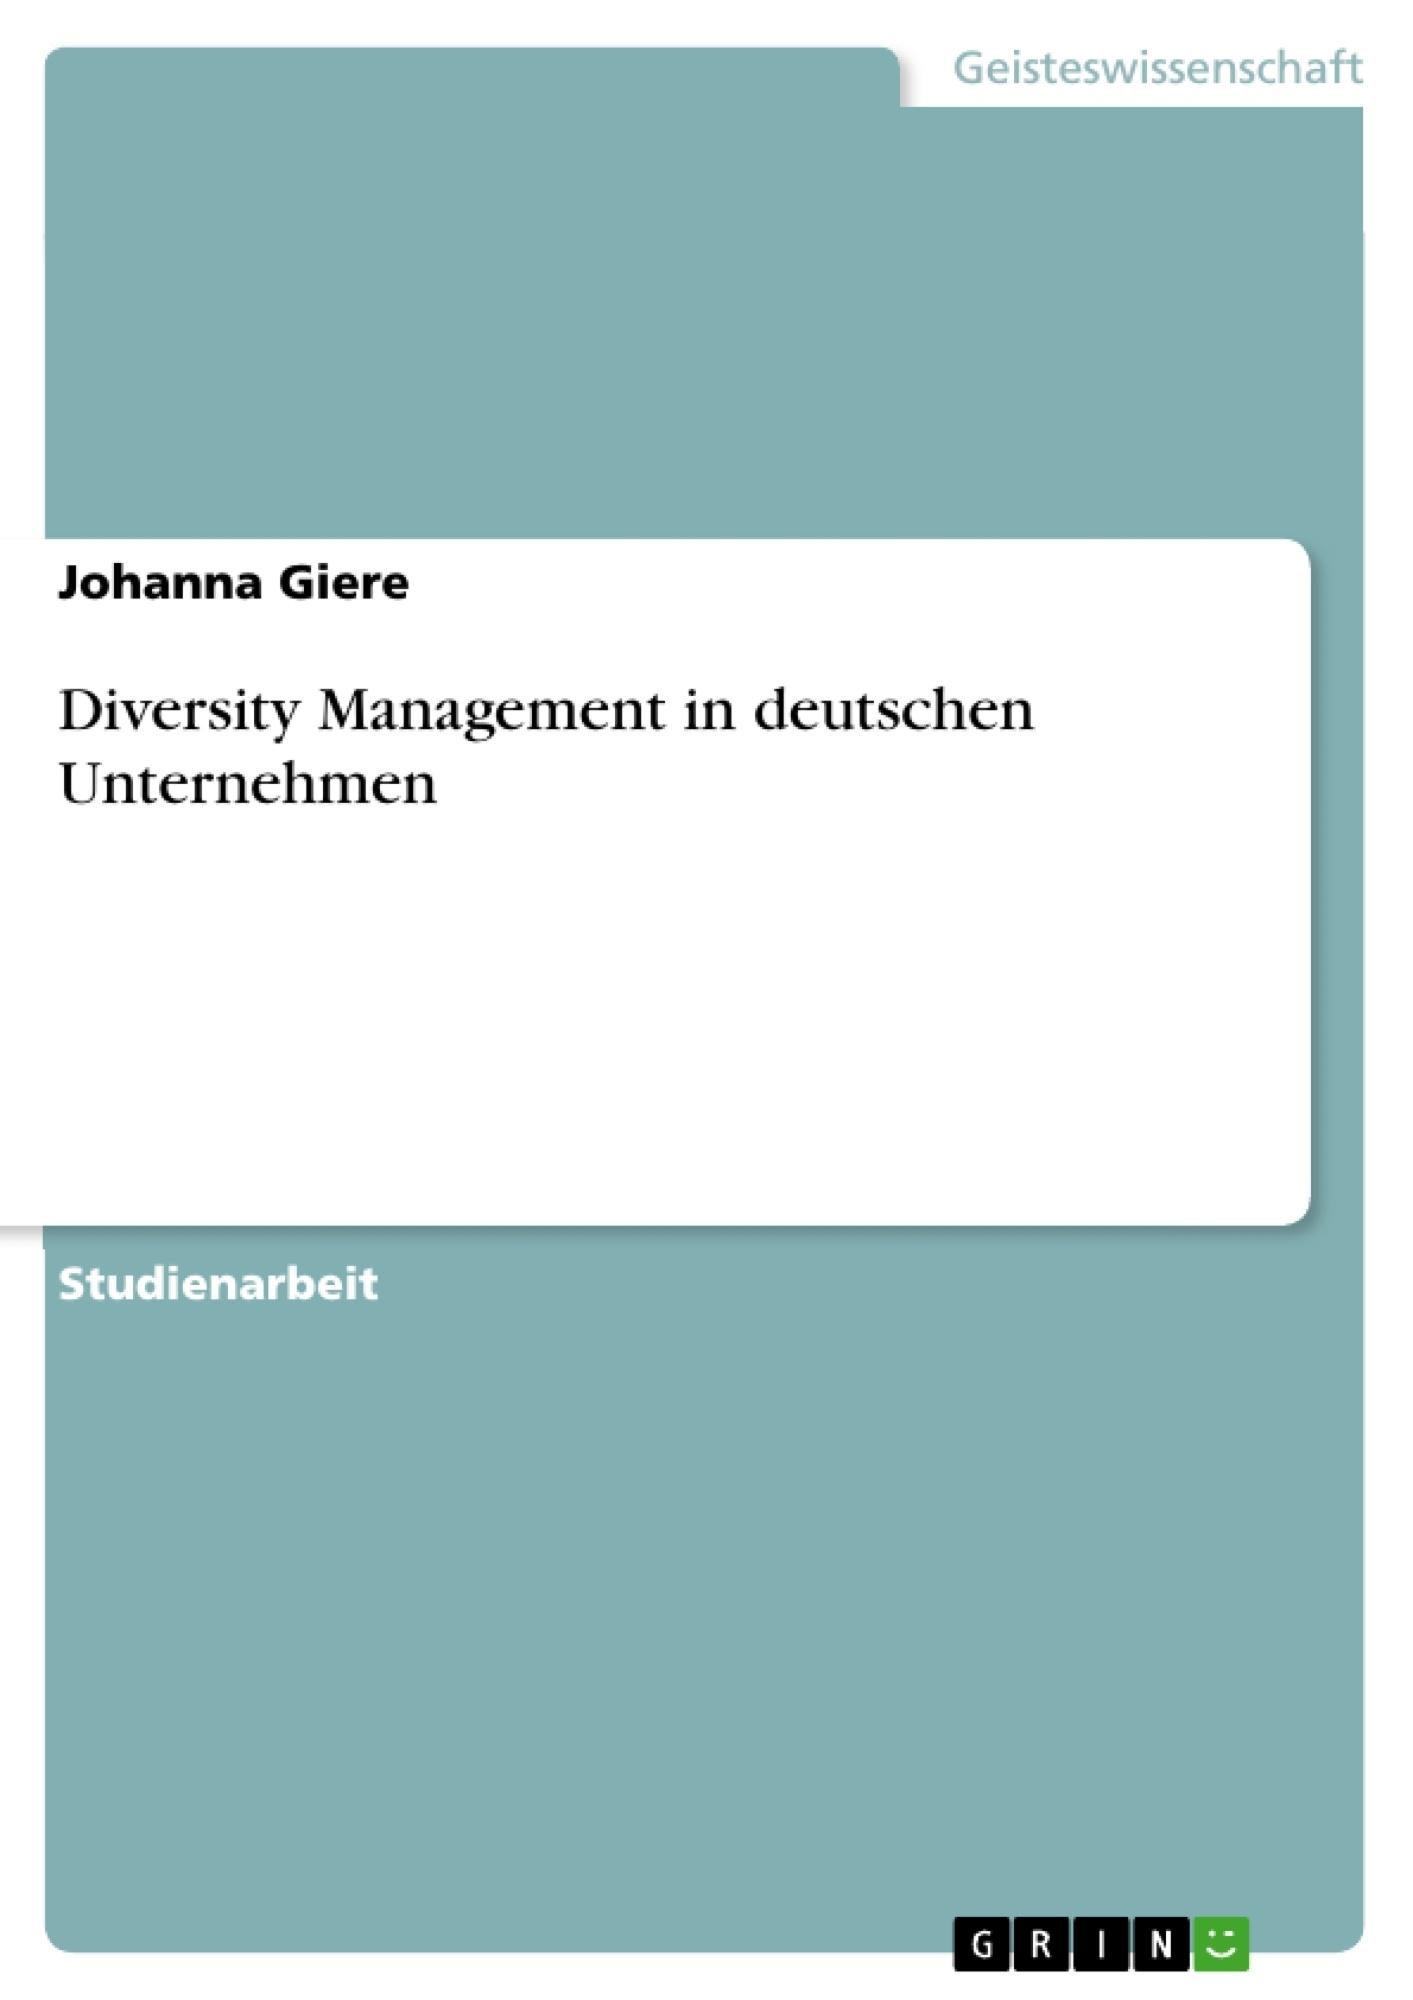 Titel: Diversity Management in deutschen Unternehmen